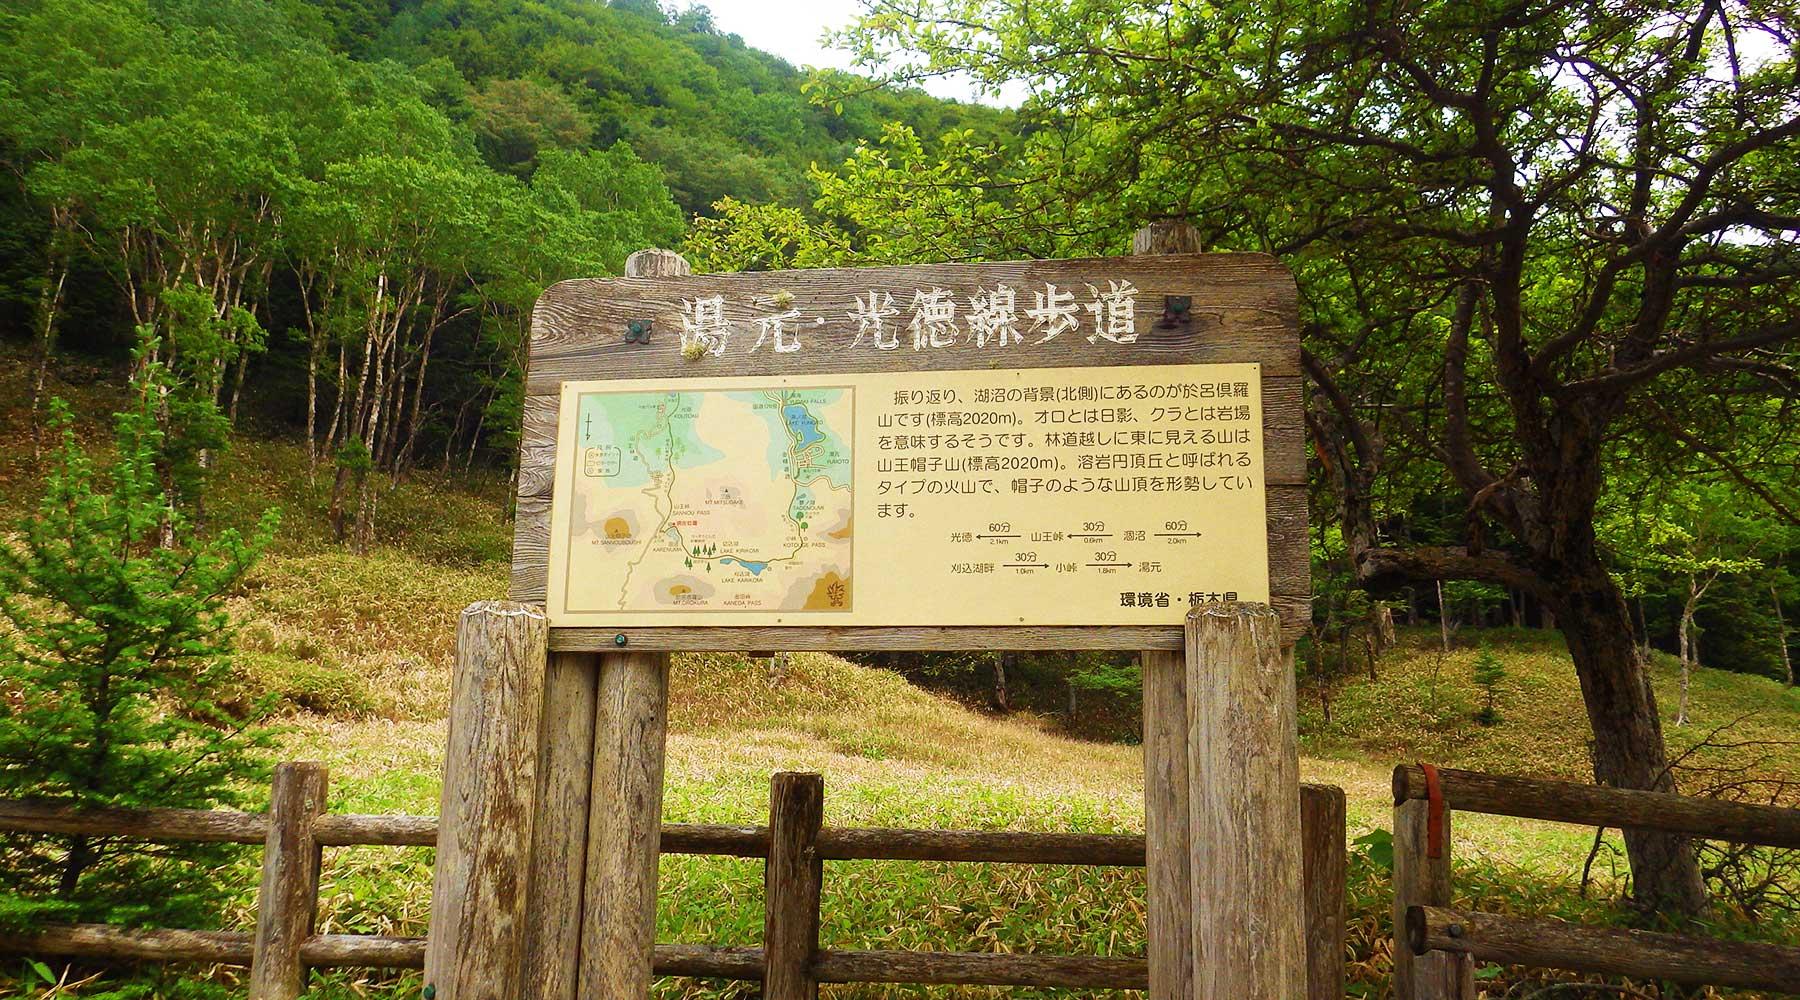 山王帽子山と於呂具羅山についての説明